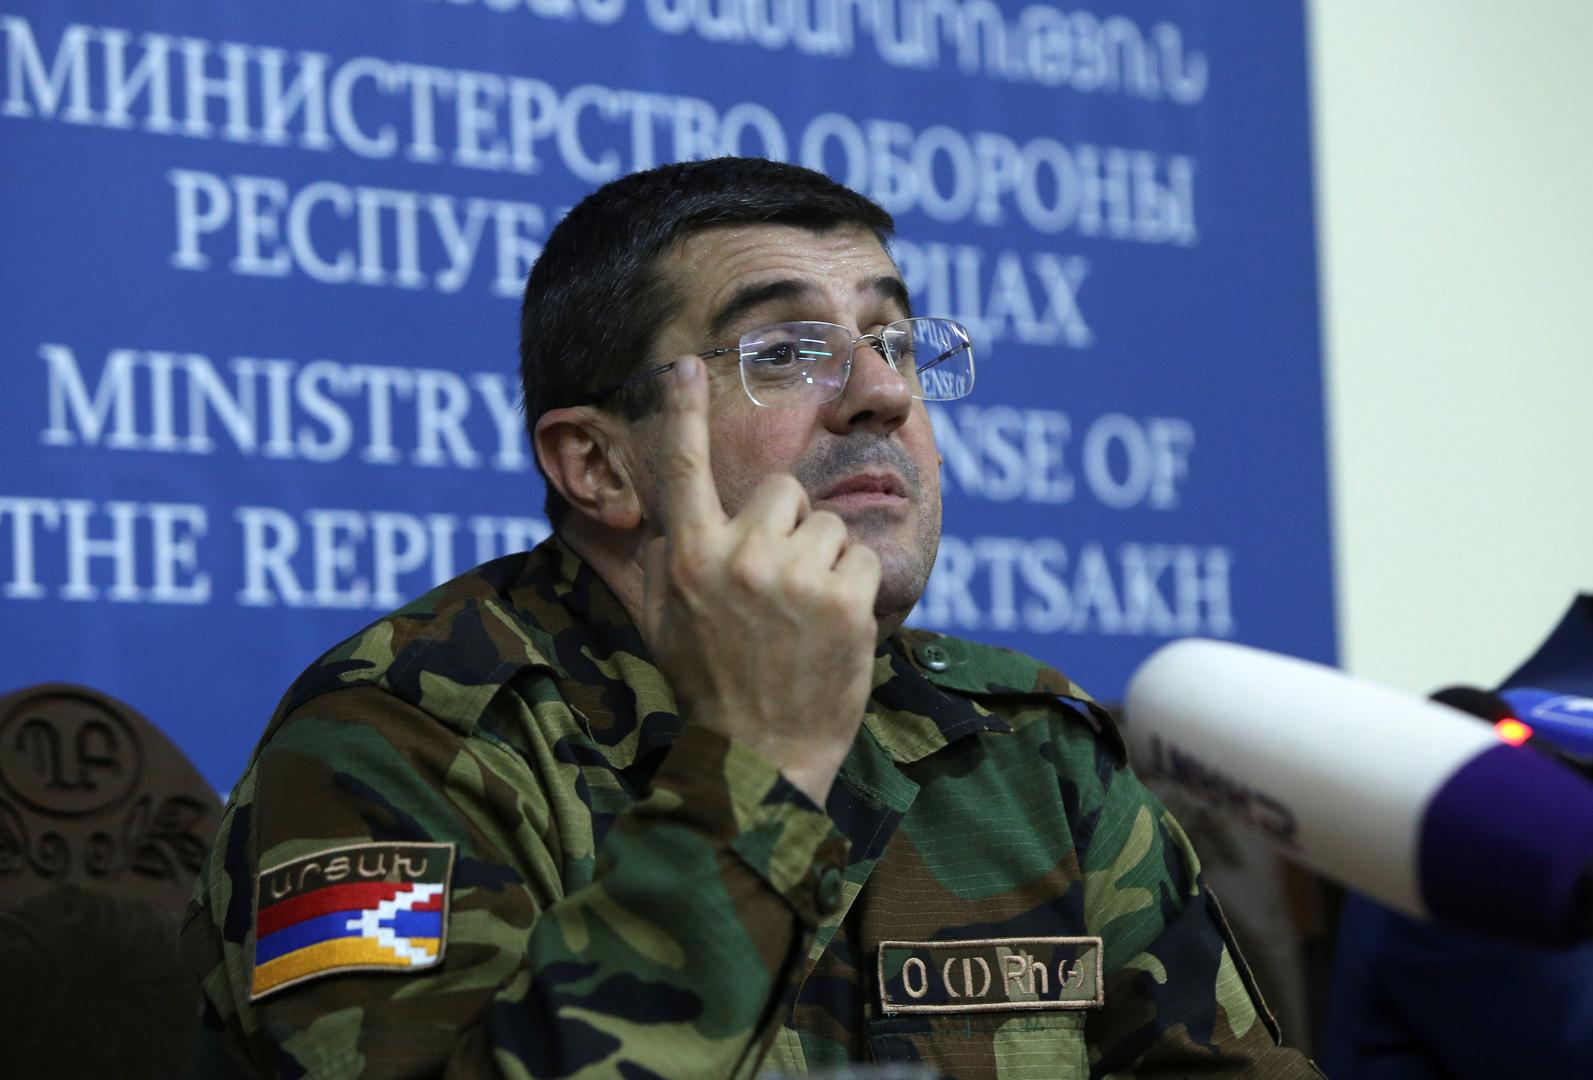 أذربيجان تعلن إصابة رئيس جمهورية قره باغ المعلنة ذاتيا بجروح بليغة.. والجانب الأرمني ينفي